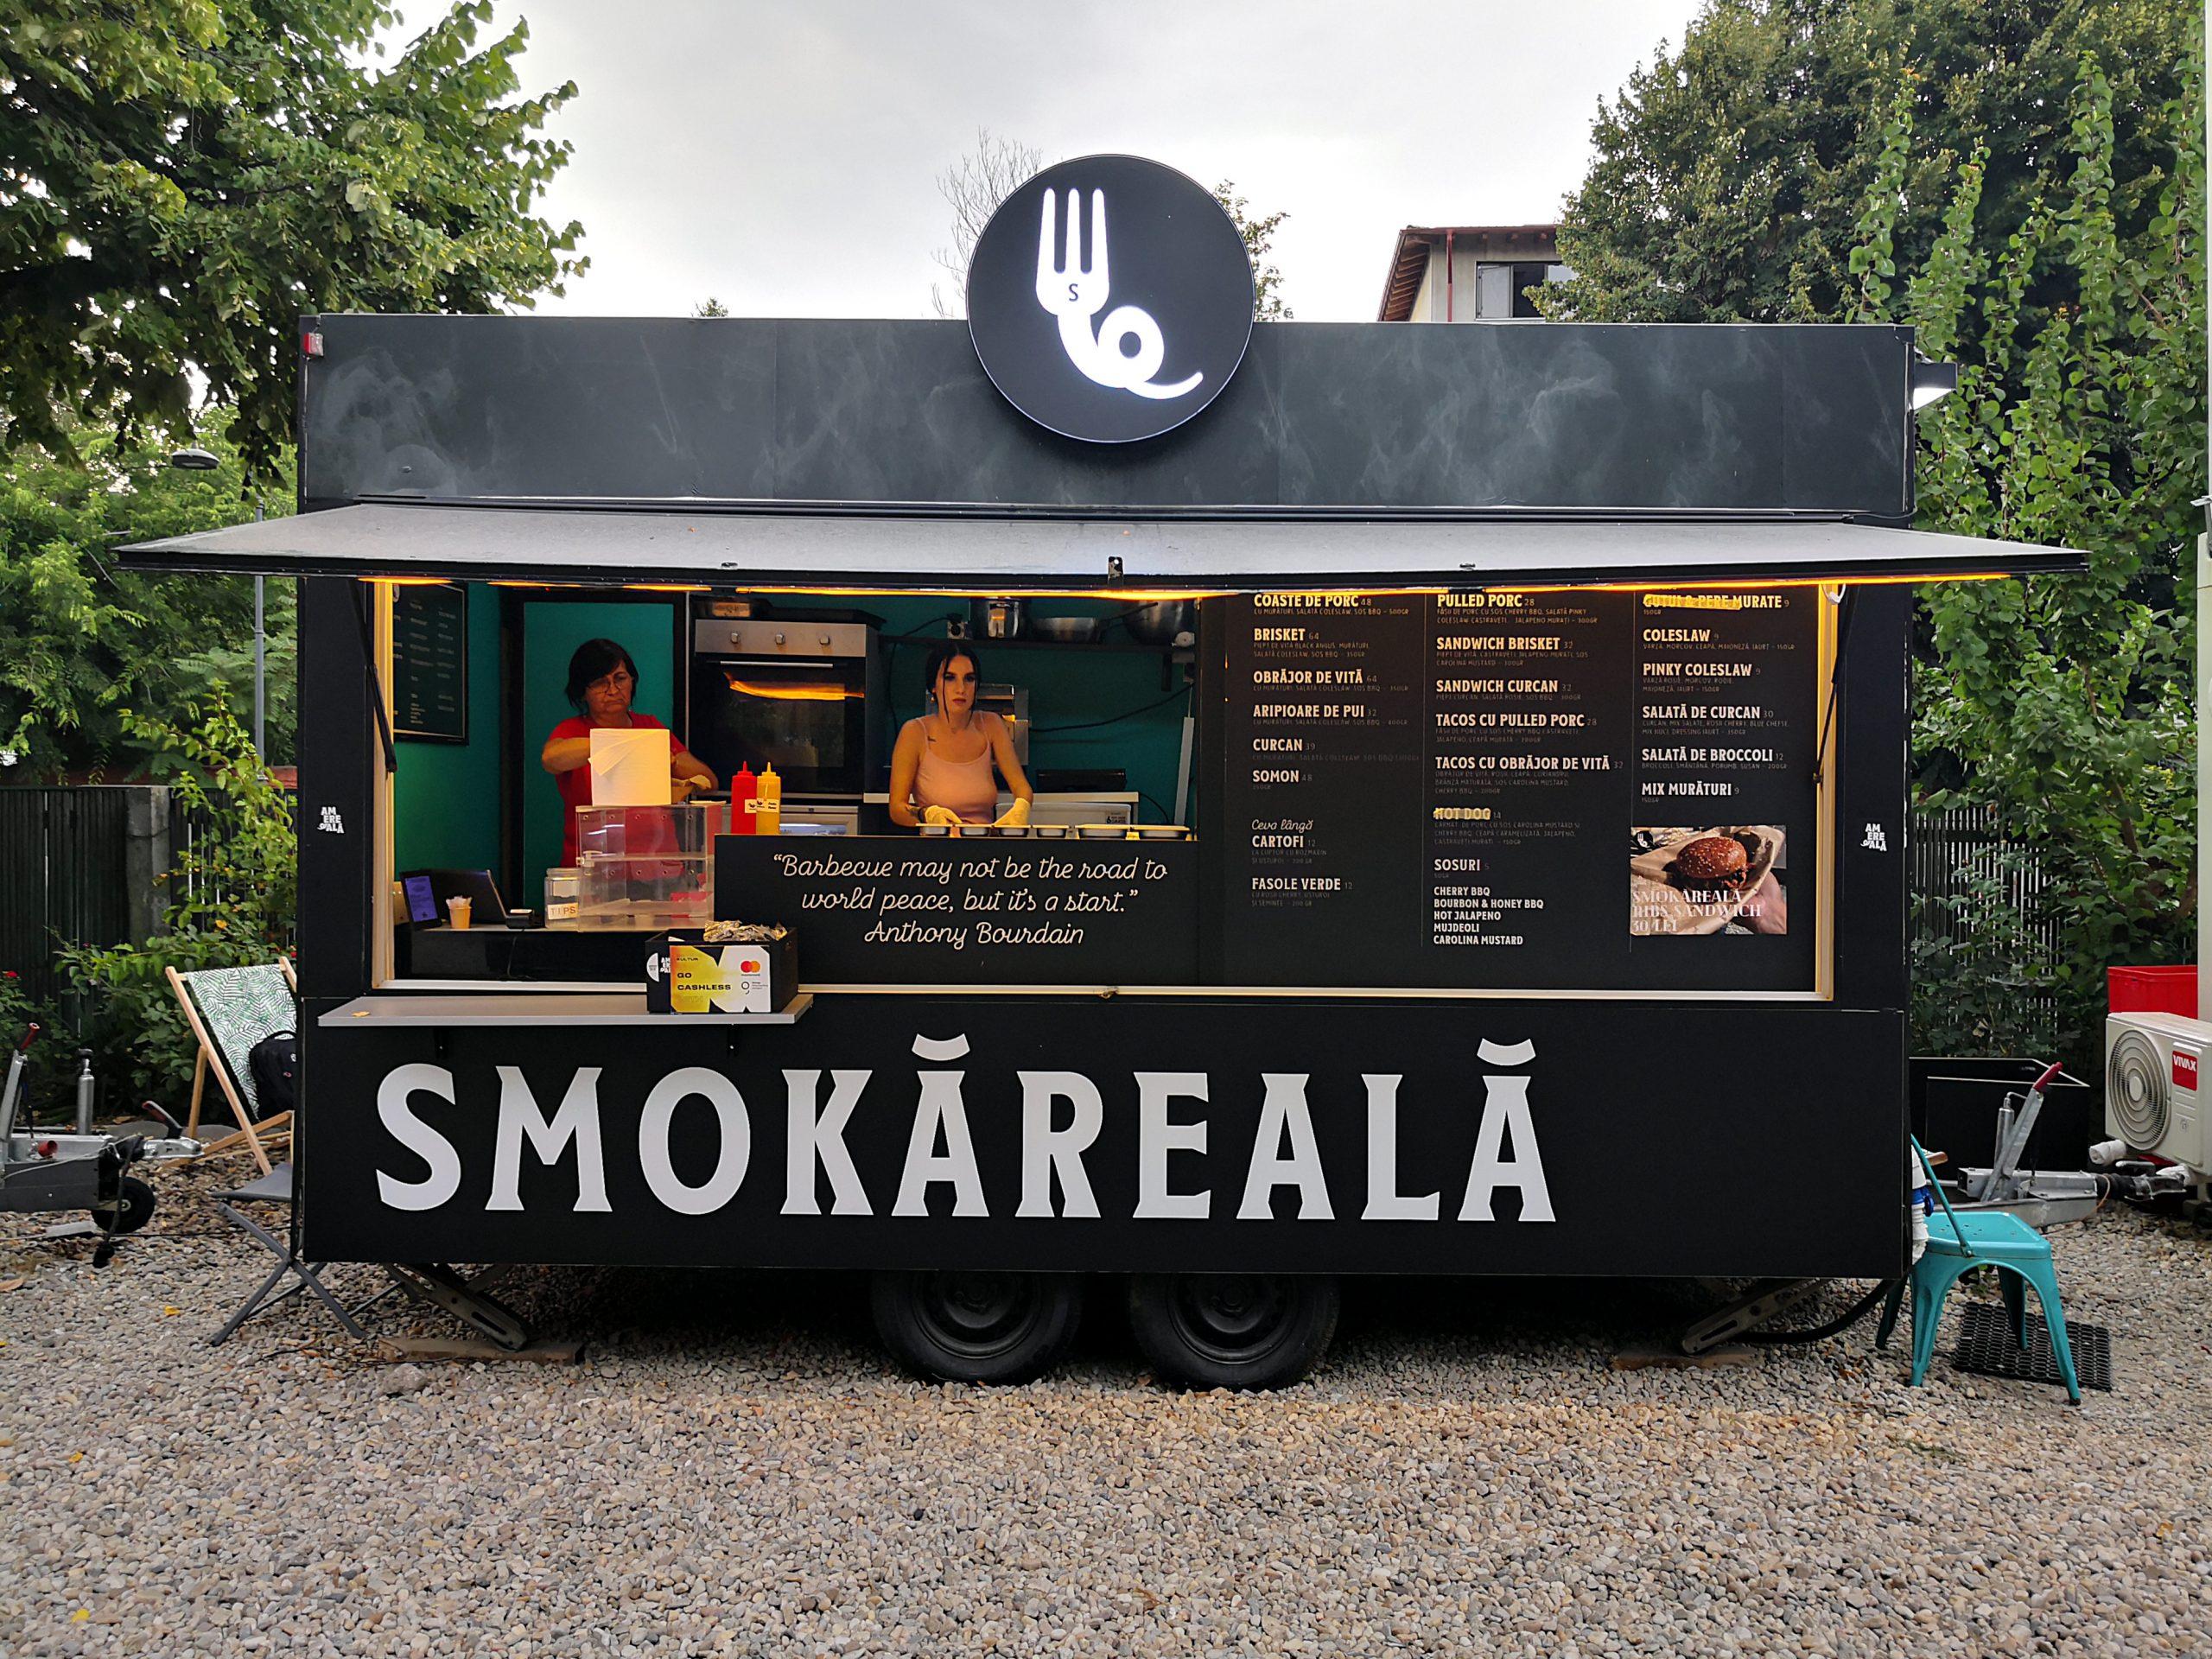 Mai pot și Smokăreală! Dezmăț cu brisket fraged de vită black angus cu carolina mustard și tacos cu pulled pork și jalapeno. Brainfreeze cu înghețată de cremă de alune și ciocolată cu migadale prăjite la Gelateria La Romana dal 1947